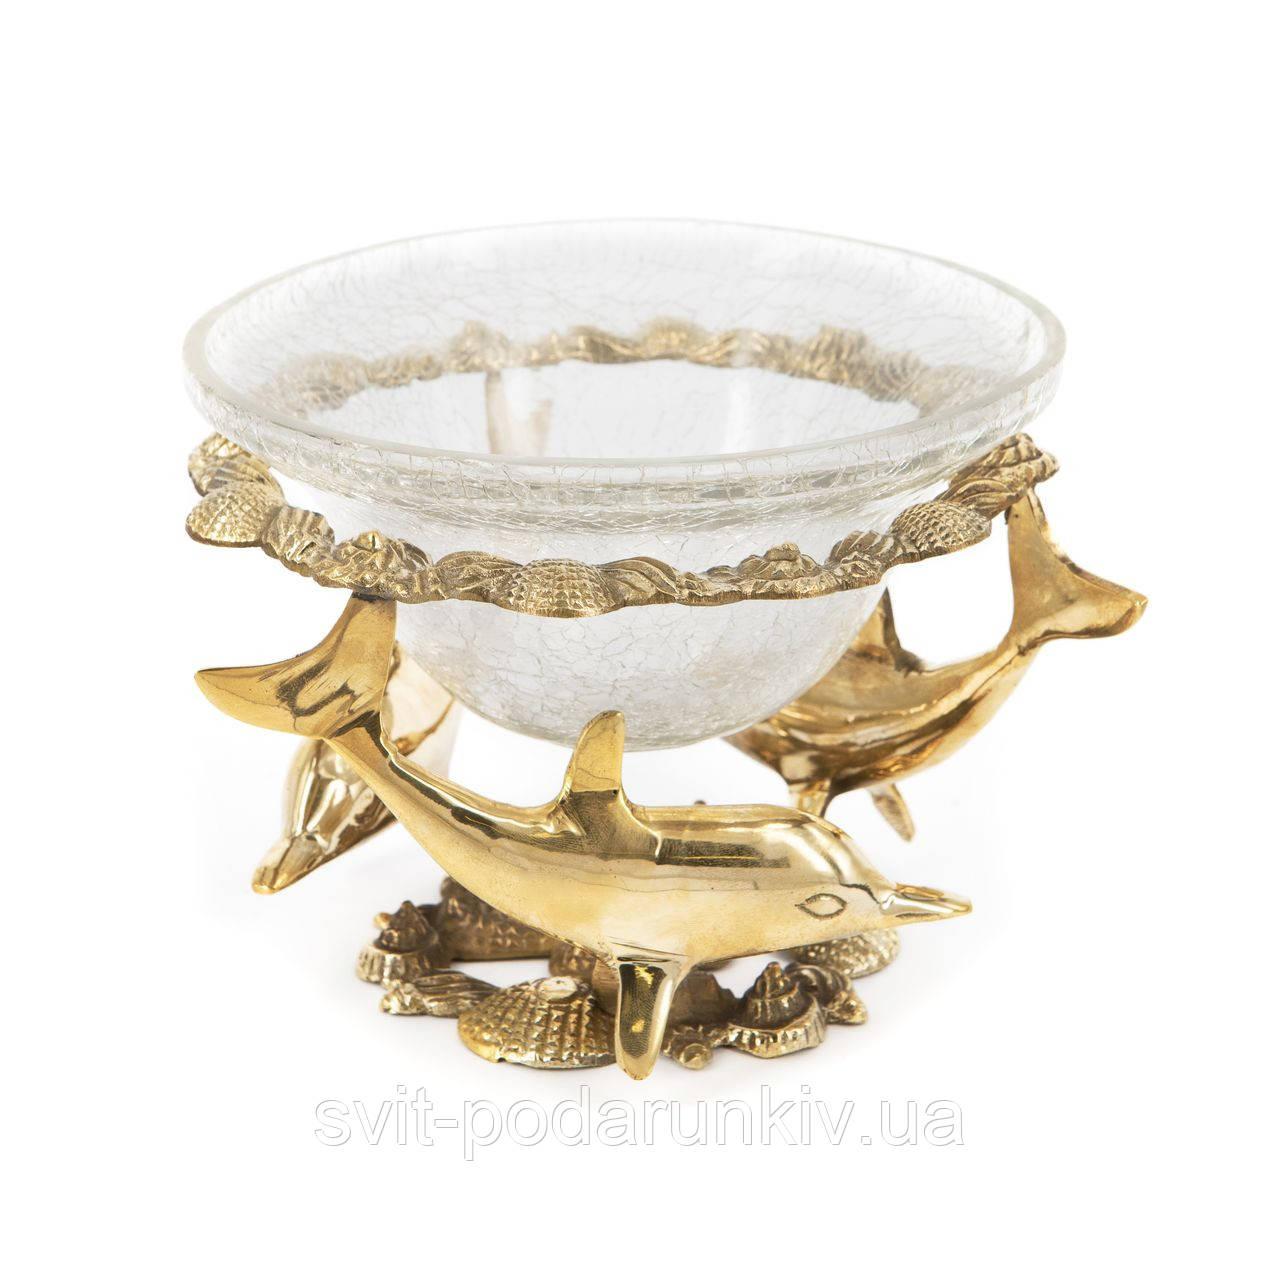 Стеклянная ваза для конфет и печенья